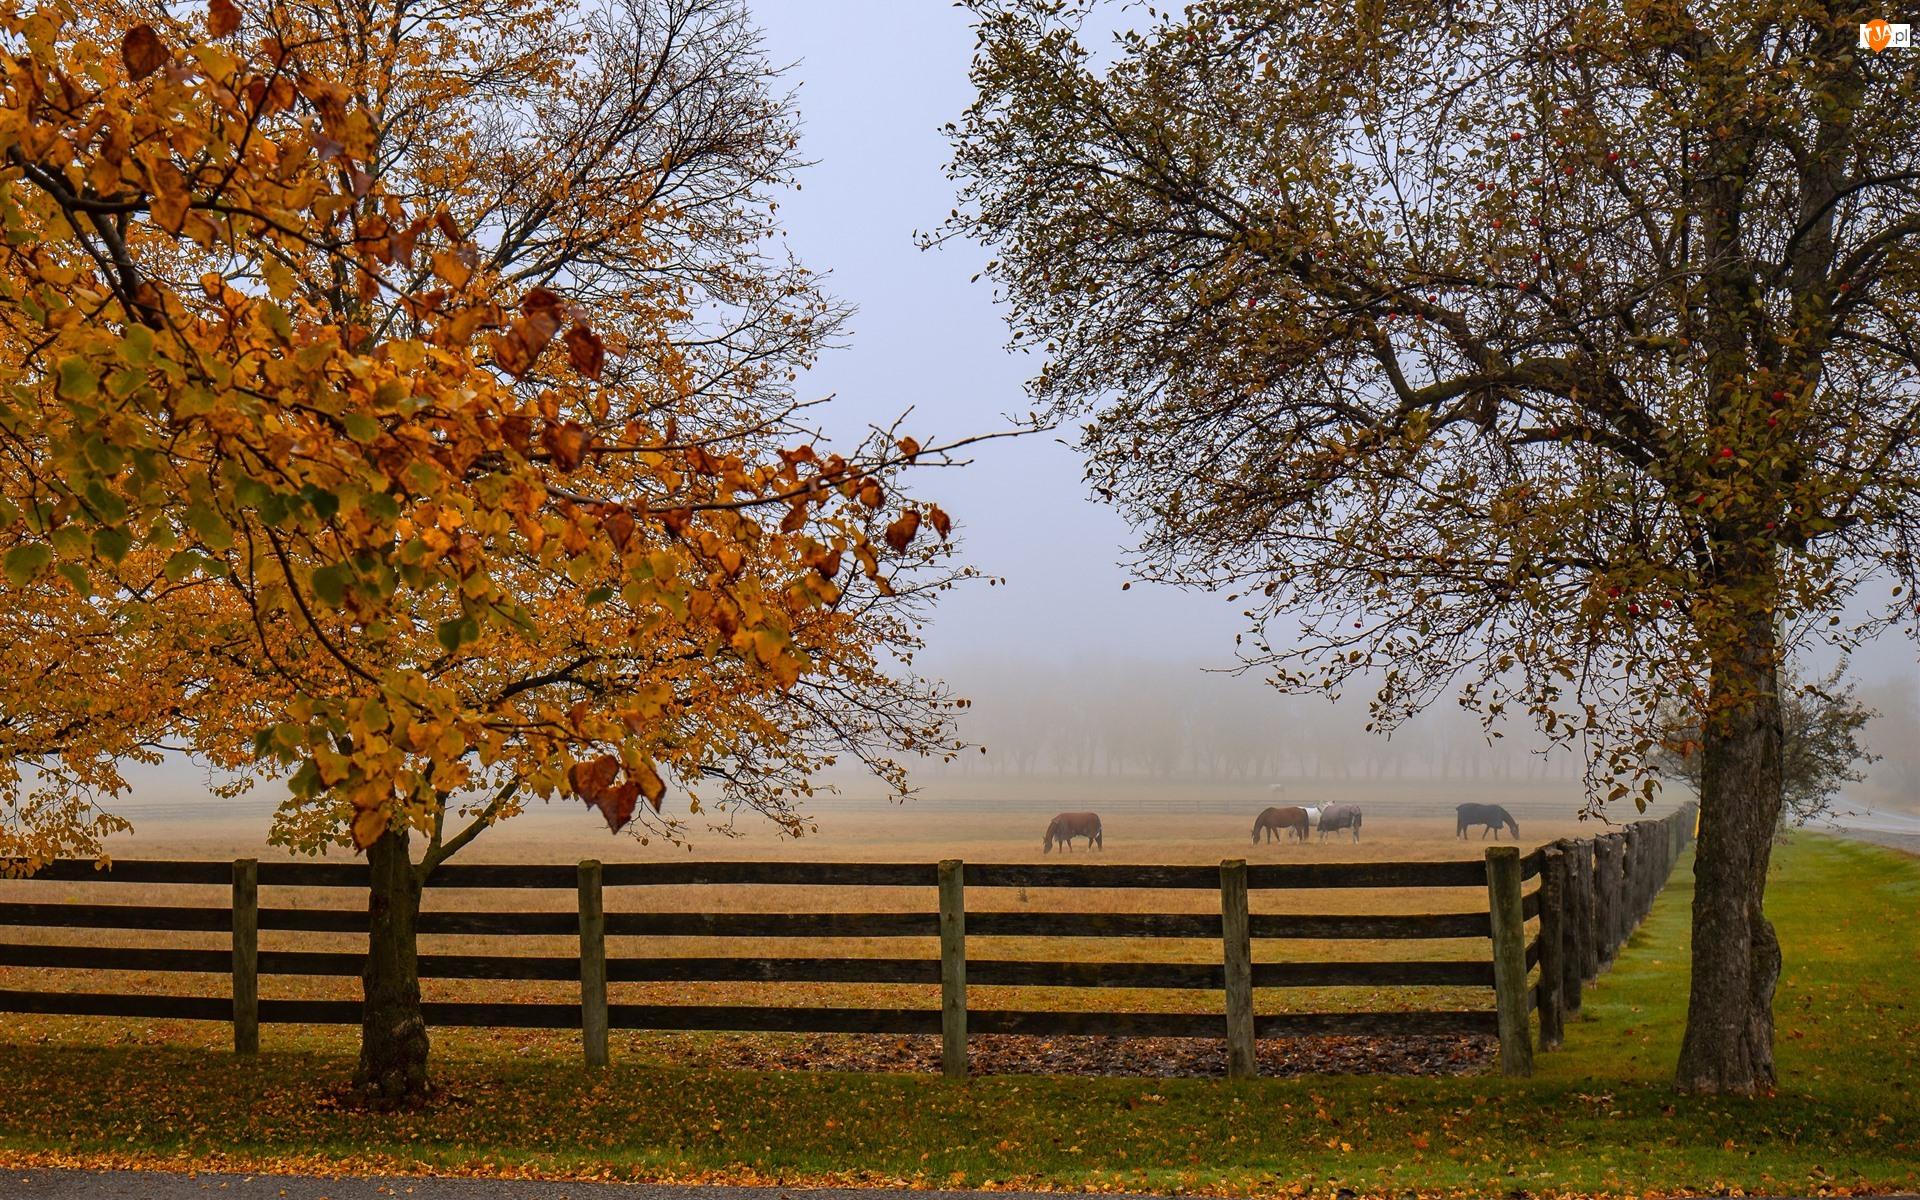 Drzewa, Jesień, Pastwisko, Mgła, Ogrodzenie, Konie